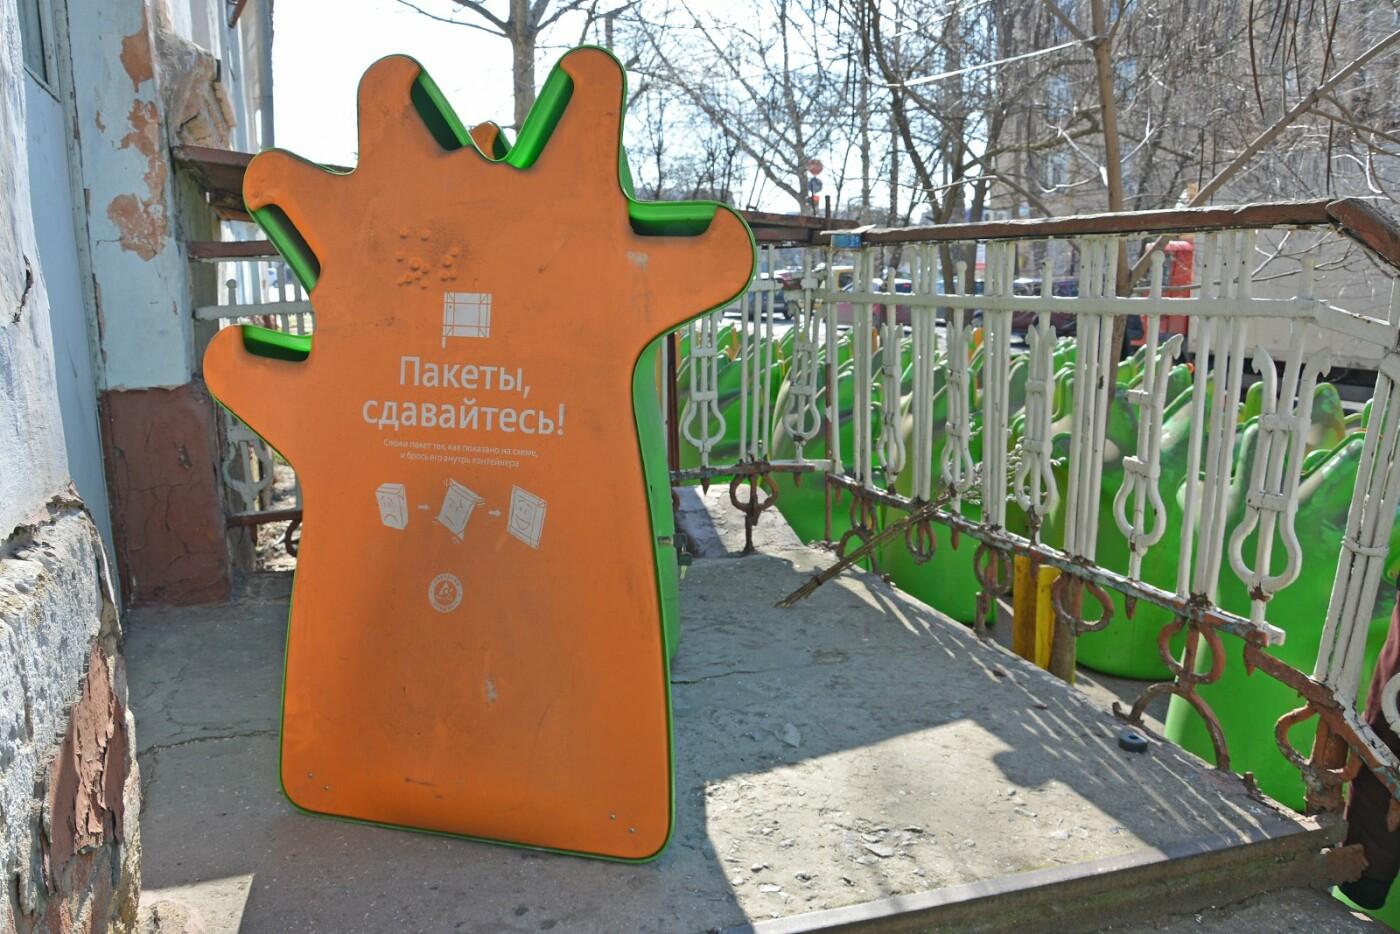 Школьники Николаева первыми начнут сдавать упаковки от напитков на переработку, - ФОТО, фото-3